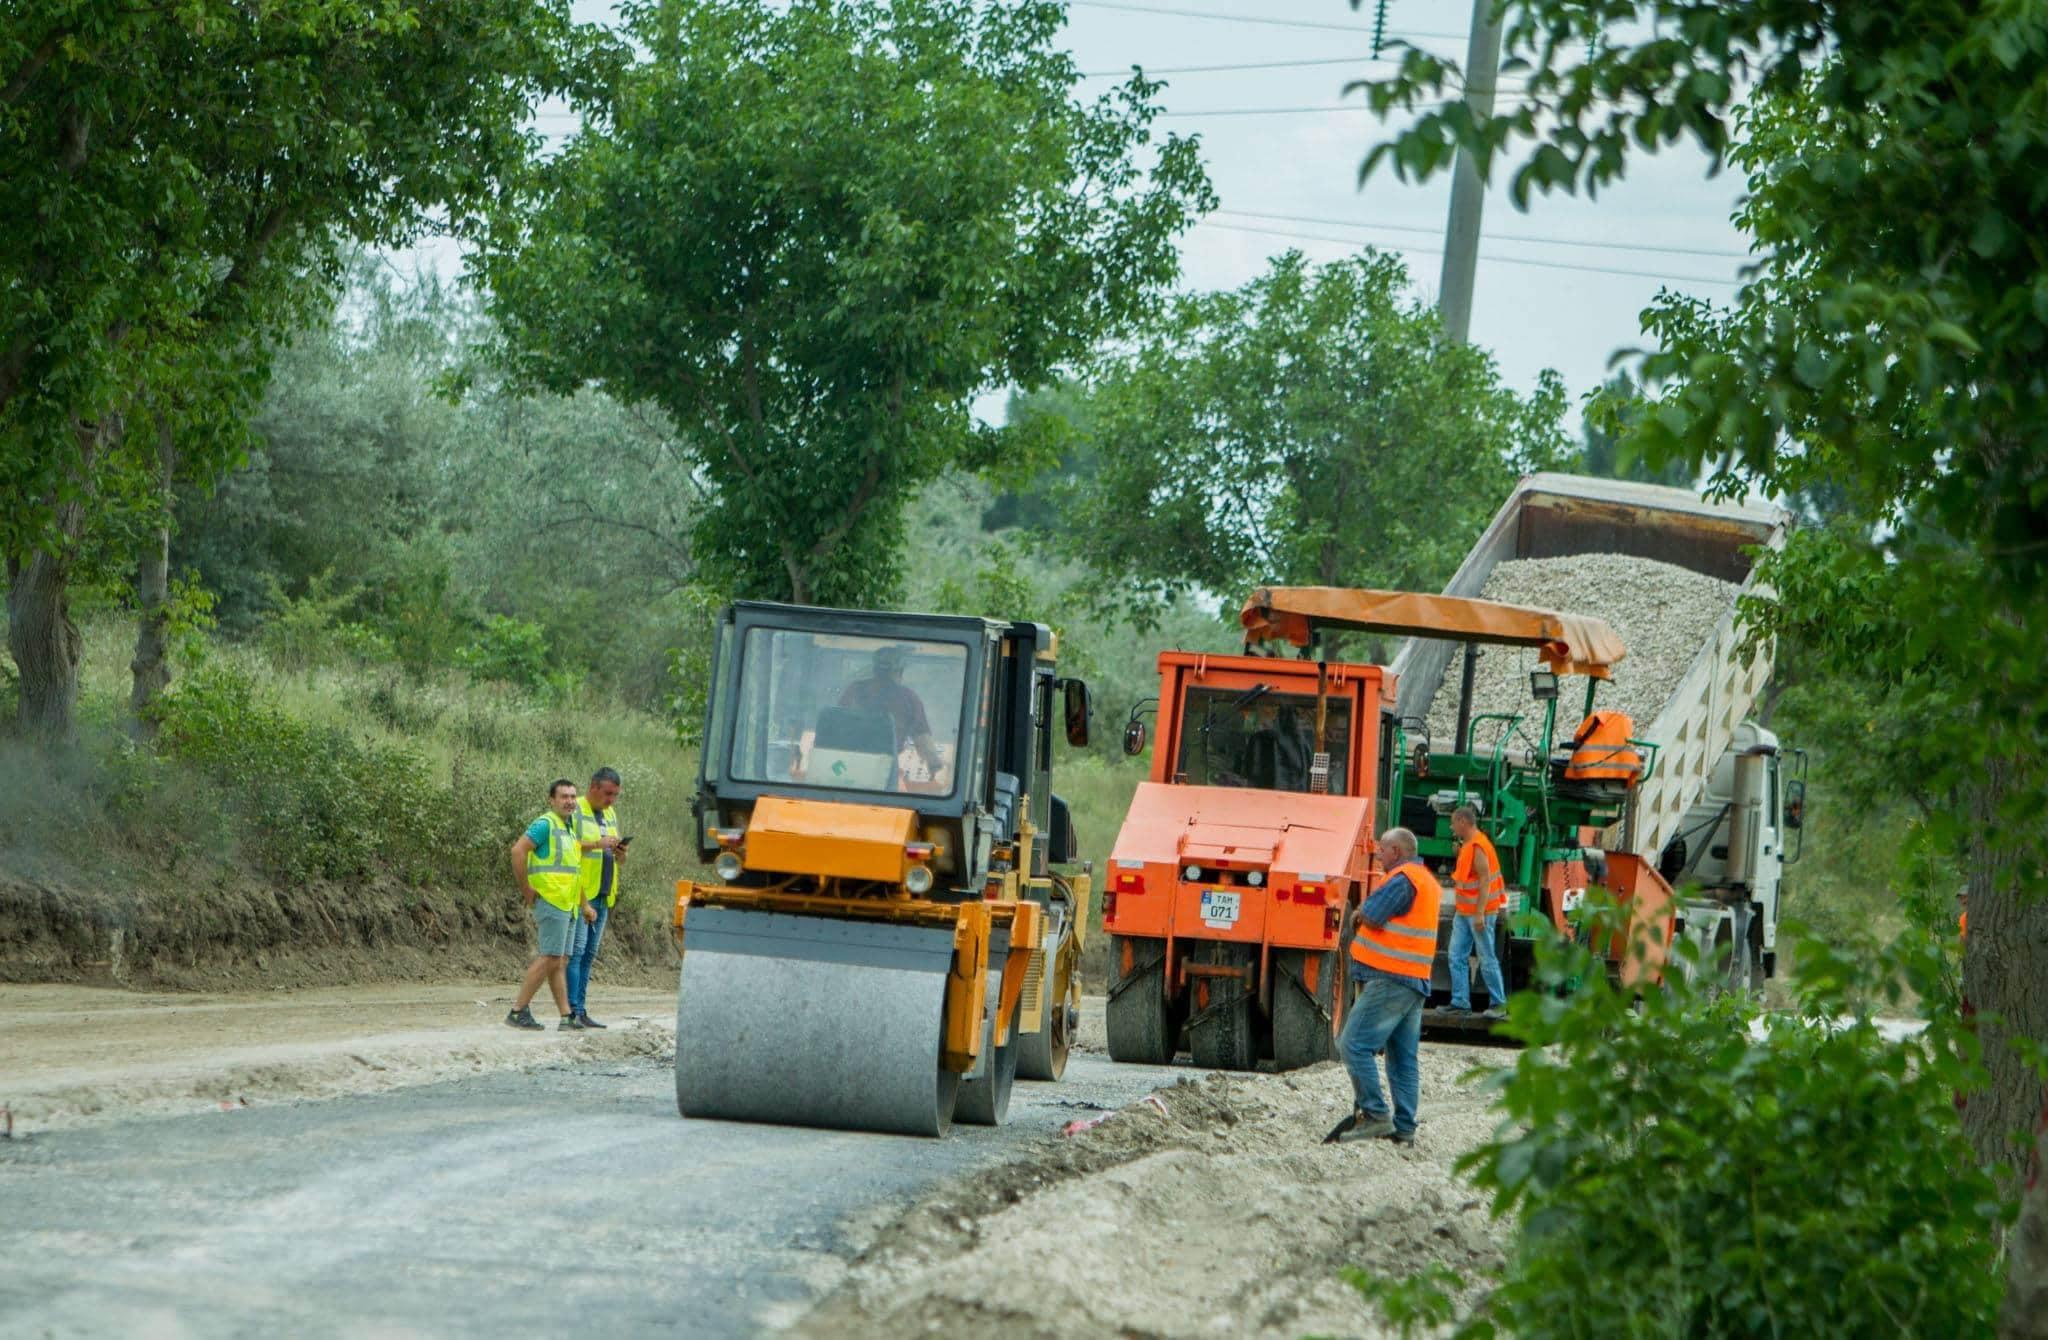 Додон: Участки дорог будут отремонтированы в каждом населённом пункте Молдовы! (ФОТО, ВИДЕО)